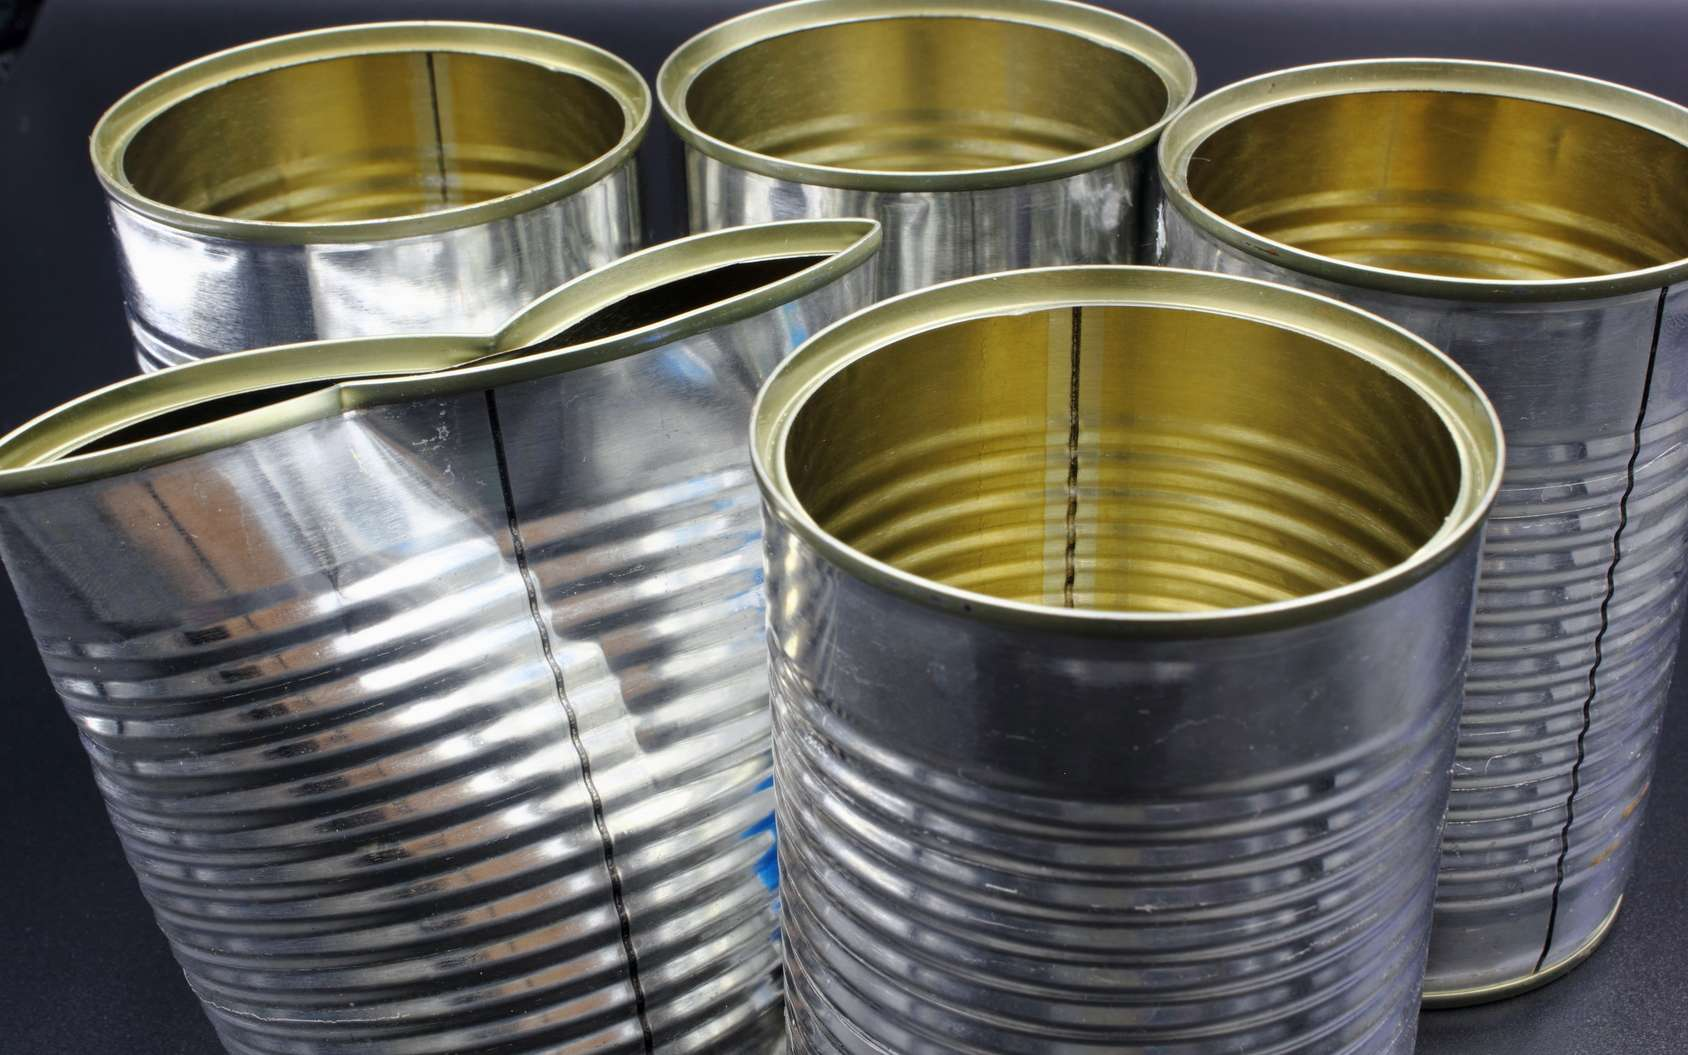 Le bisphénol A est notamment utilisé comme revêtement intérieur des boîtes de conserve. © William Richardson, Fotolia